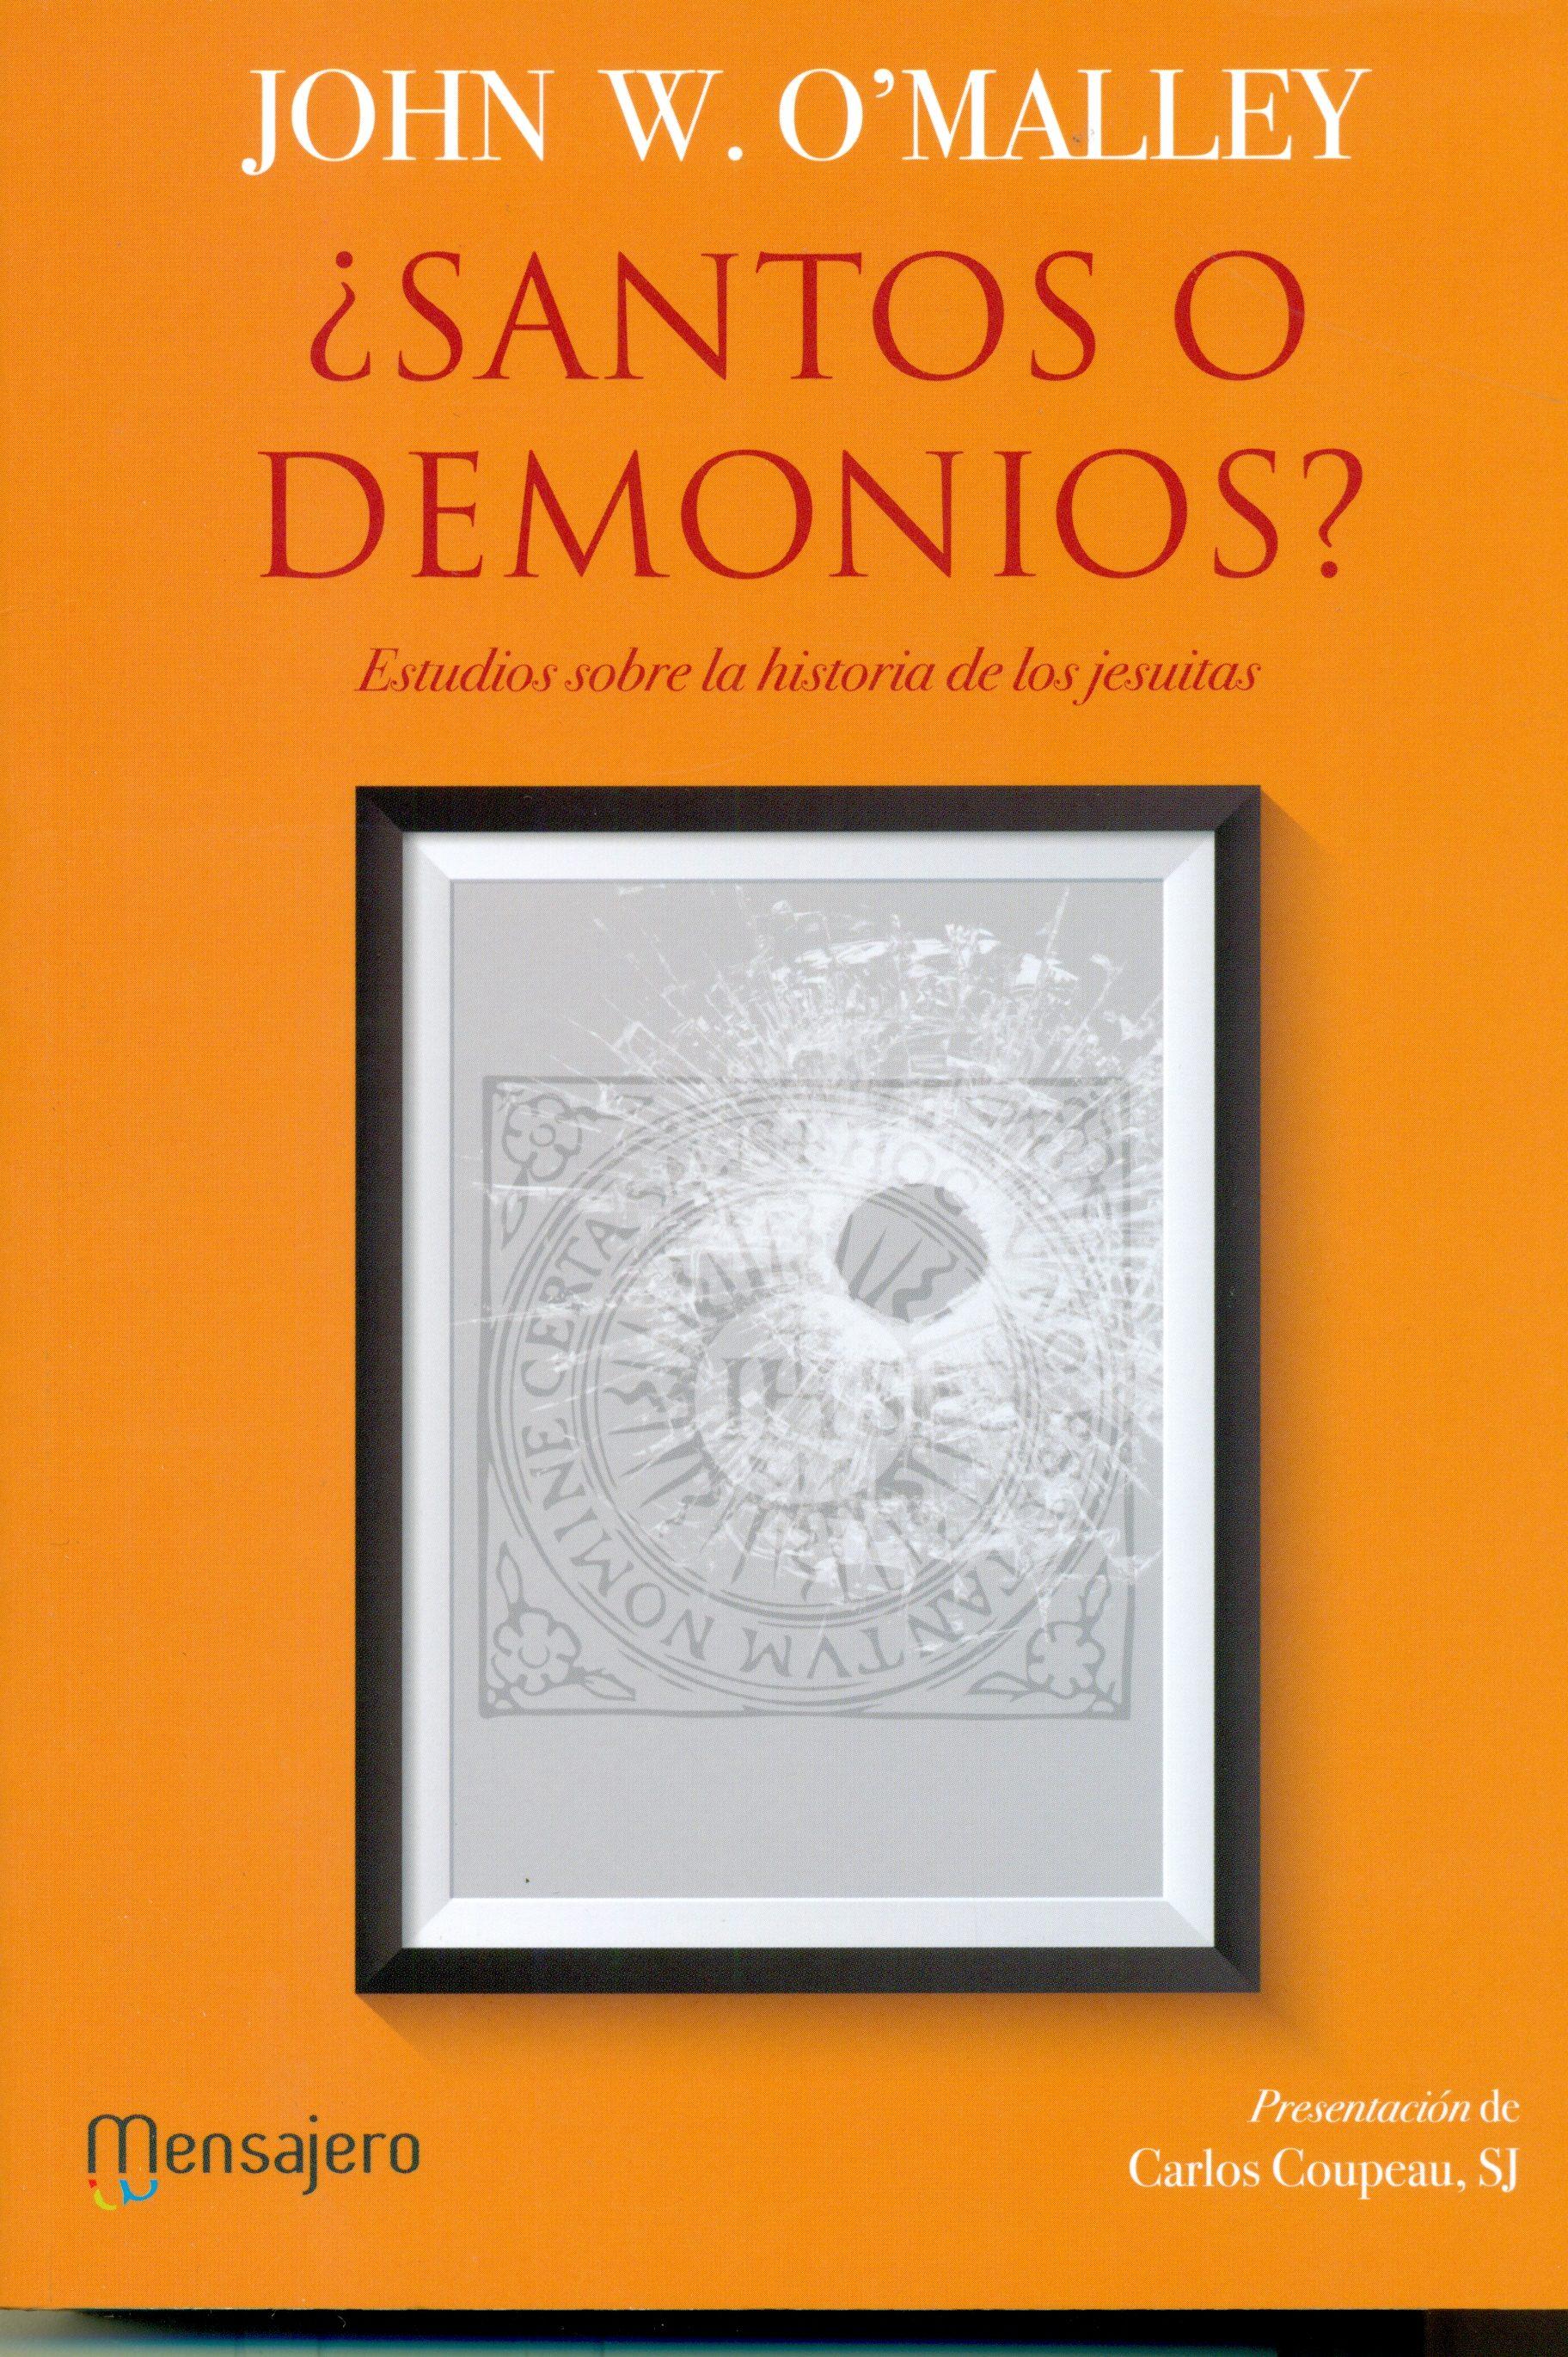 ¿santos O Demonios?: Estudios Sobre La Historia De Los Jesuitas - O Malley John W.